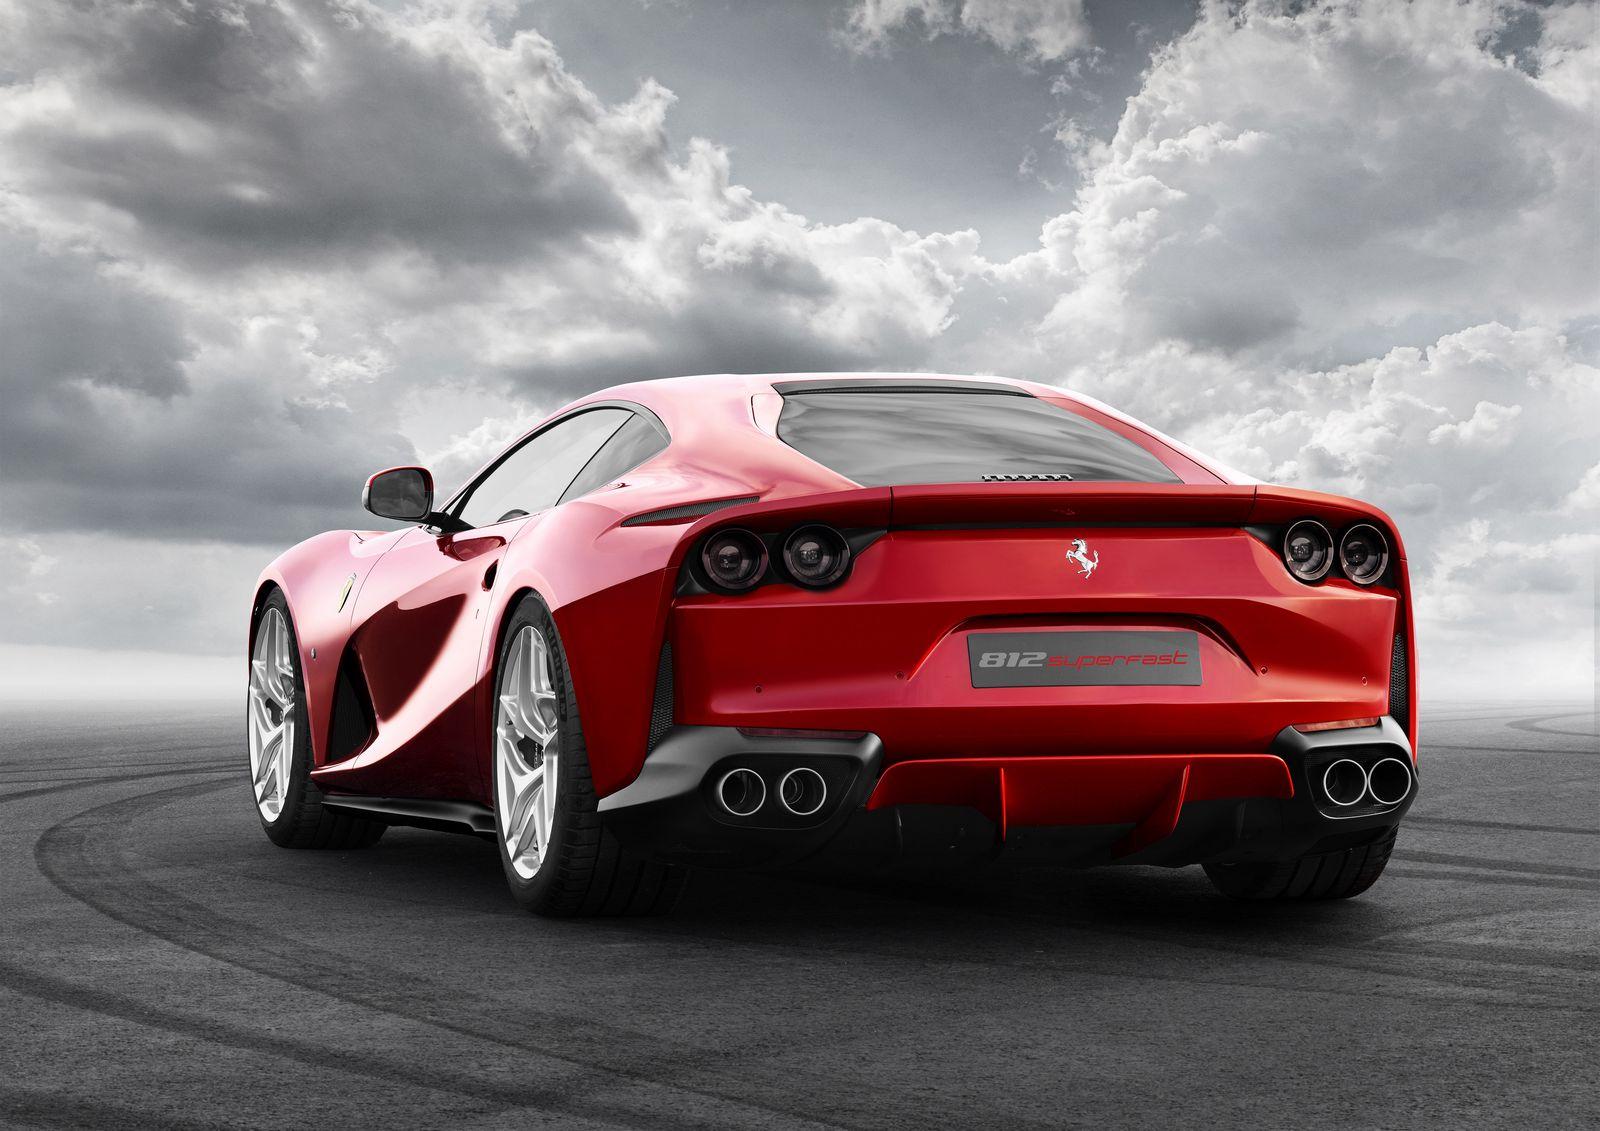 [Imagen: Ferrari%2B812%2BSuperfast%2B-4.jpg]